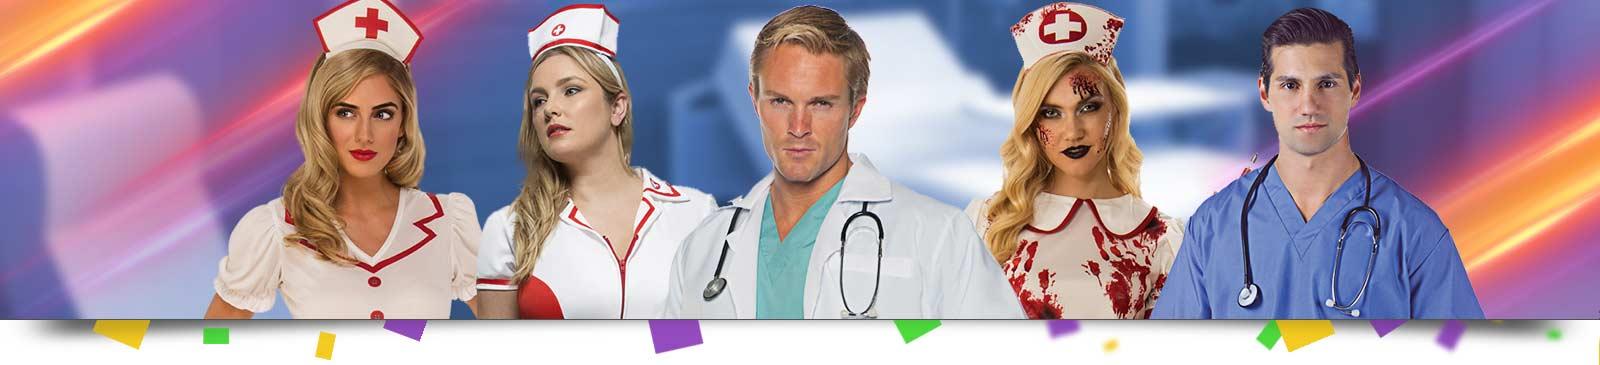 Arzt Kostüm & Krankenschwester Kostüm